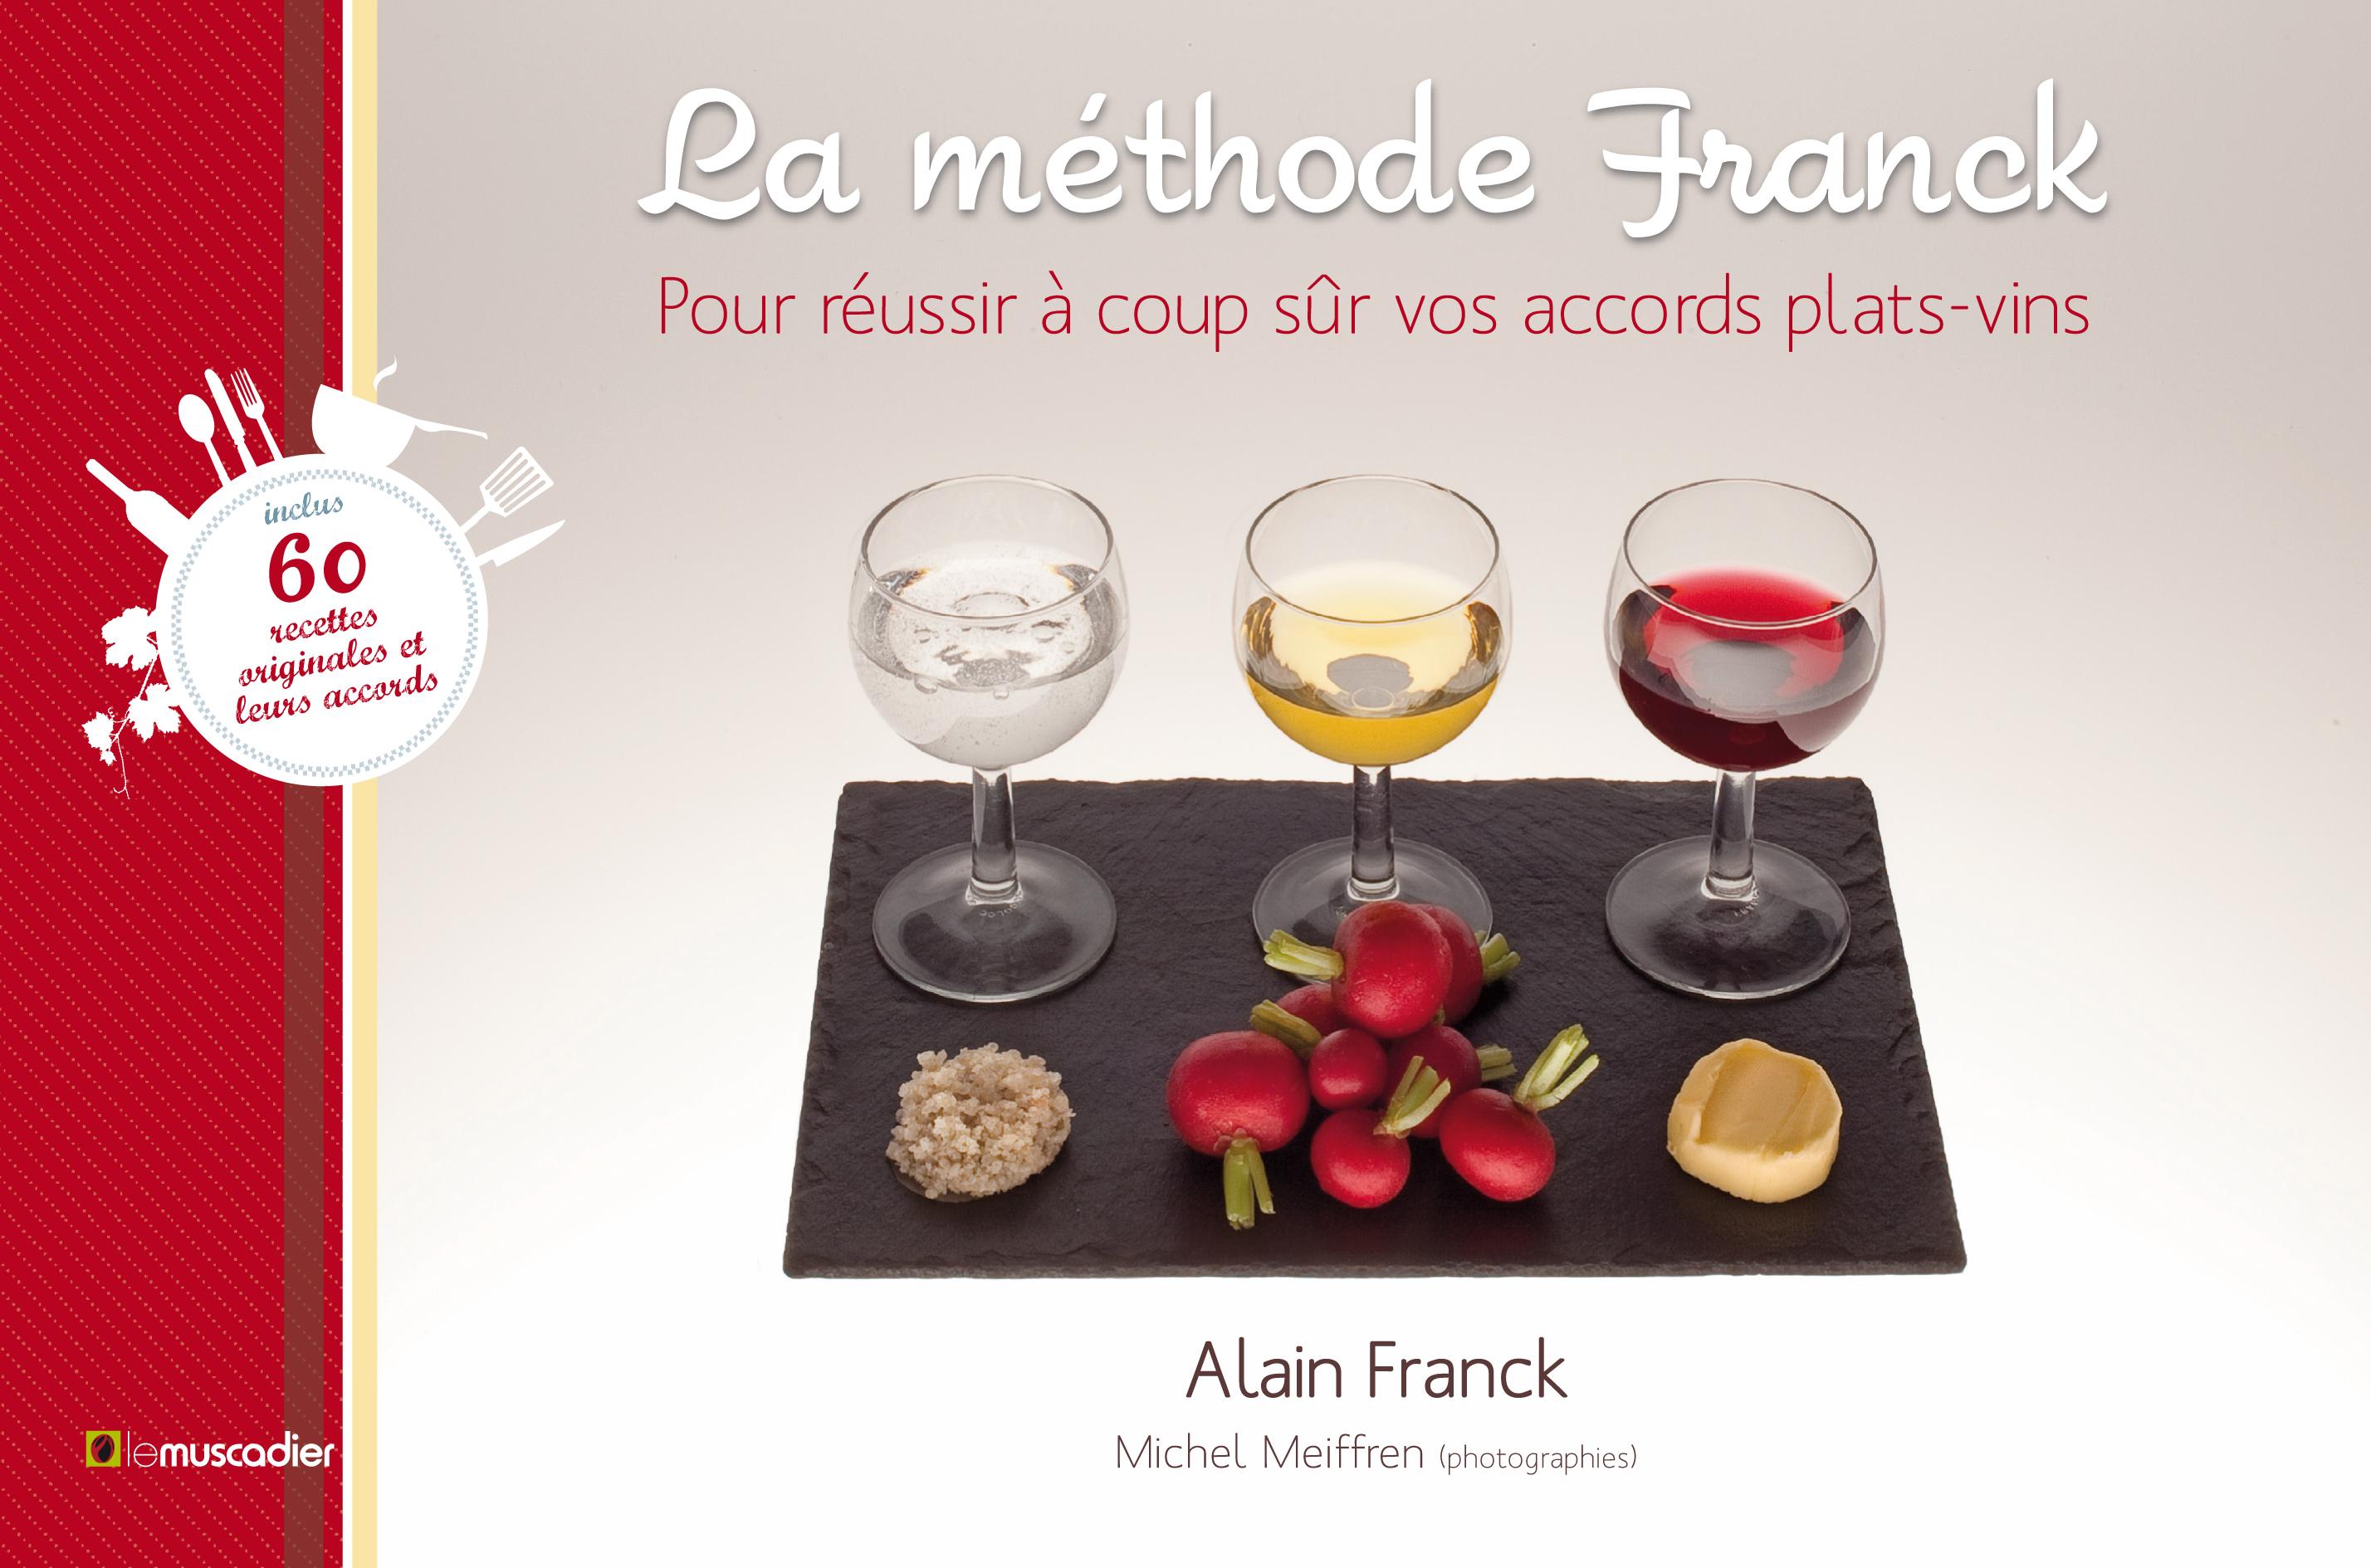 LA METHODE FRANCK. POUR REUSSIR A COUP SUR VOS ACCORD PLATS-VINS